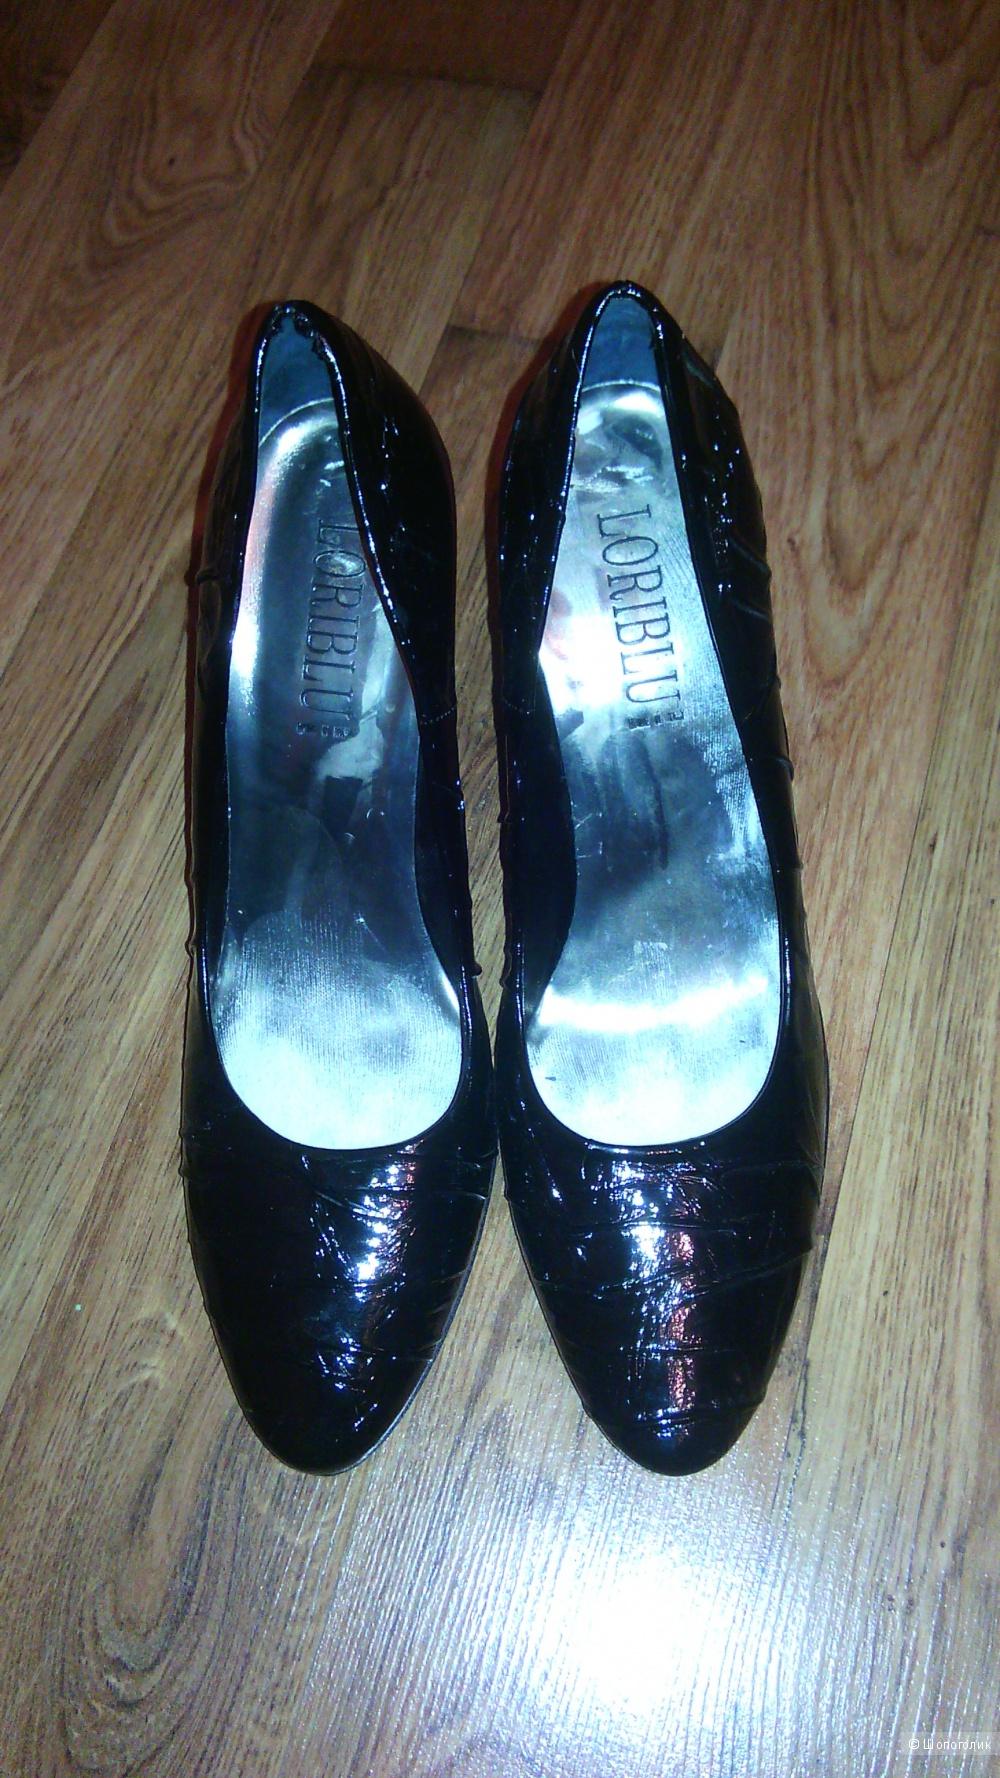 Loriblu классические лаковые туфли 39 размер